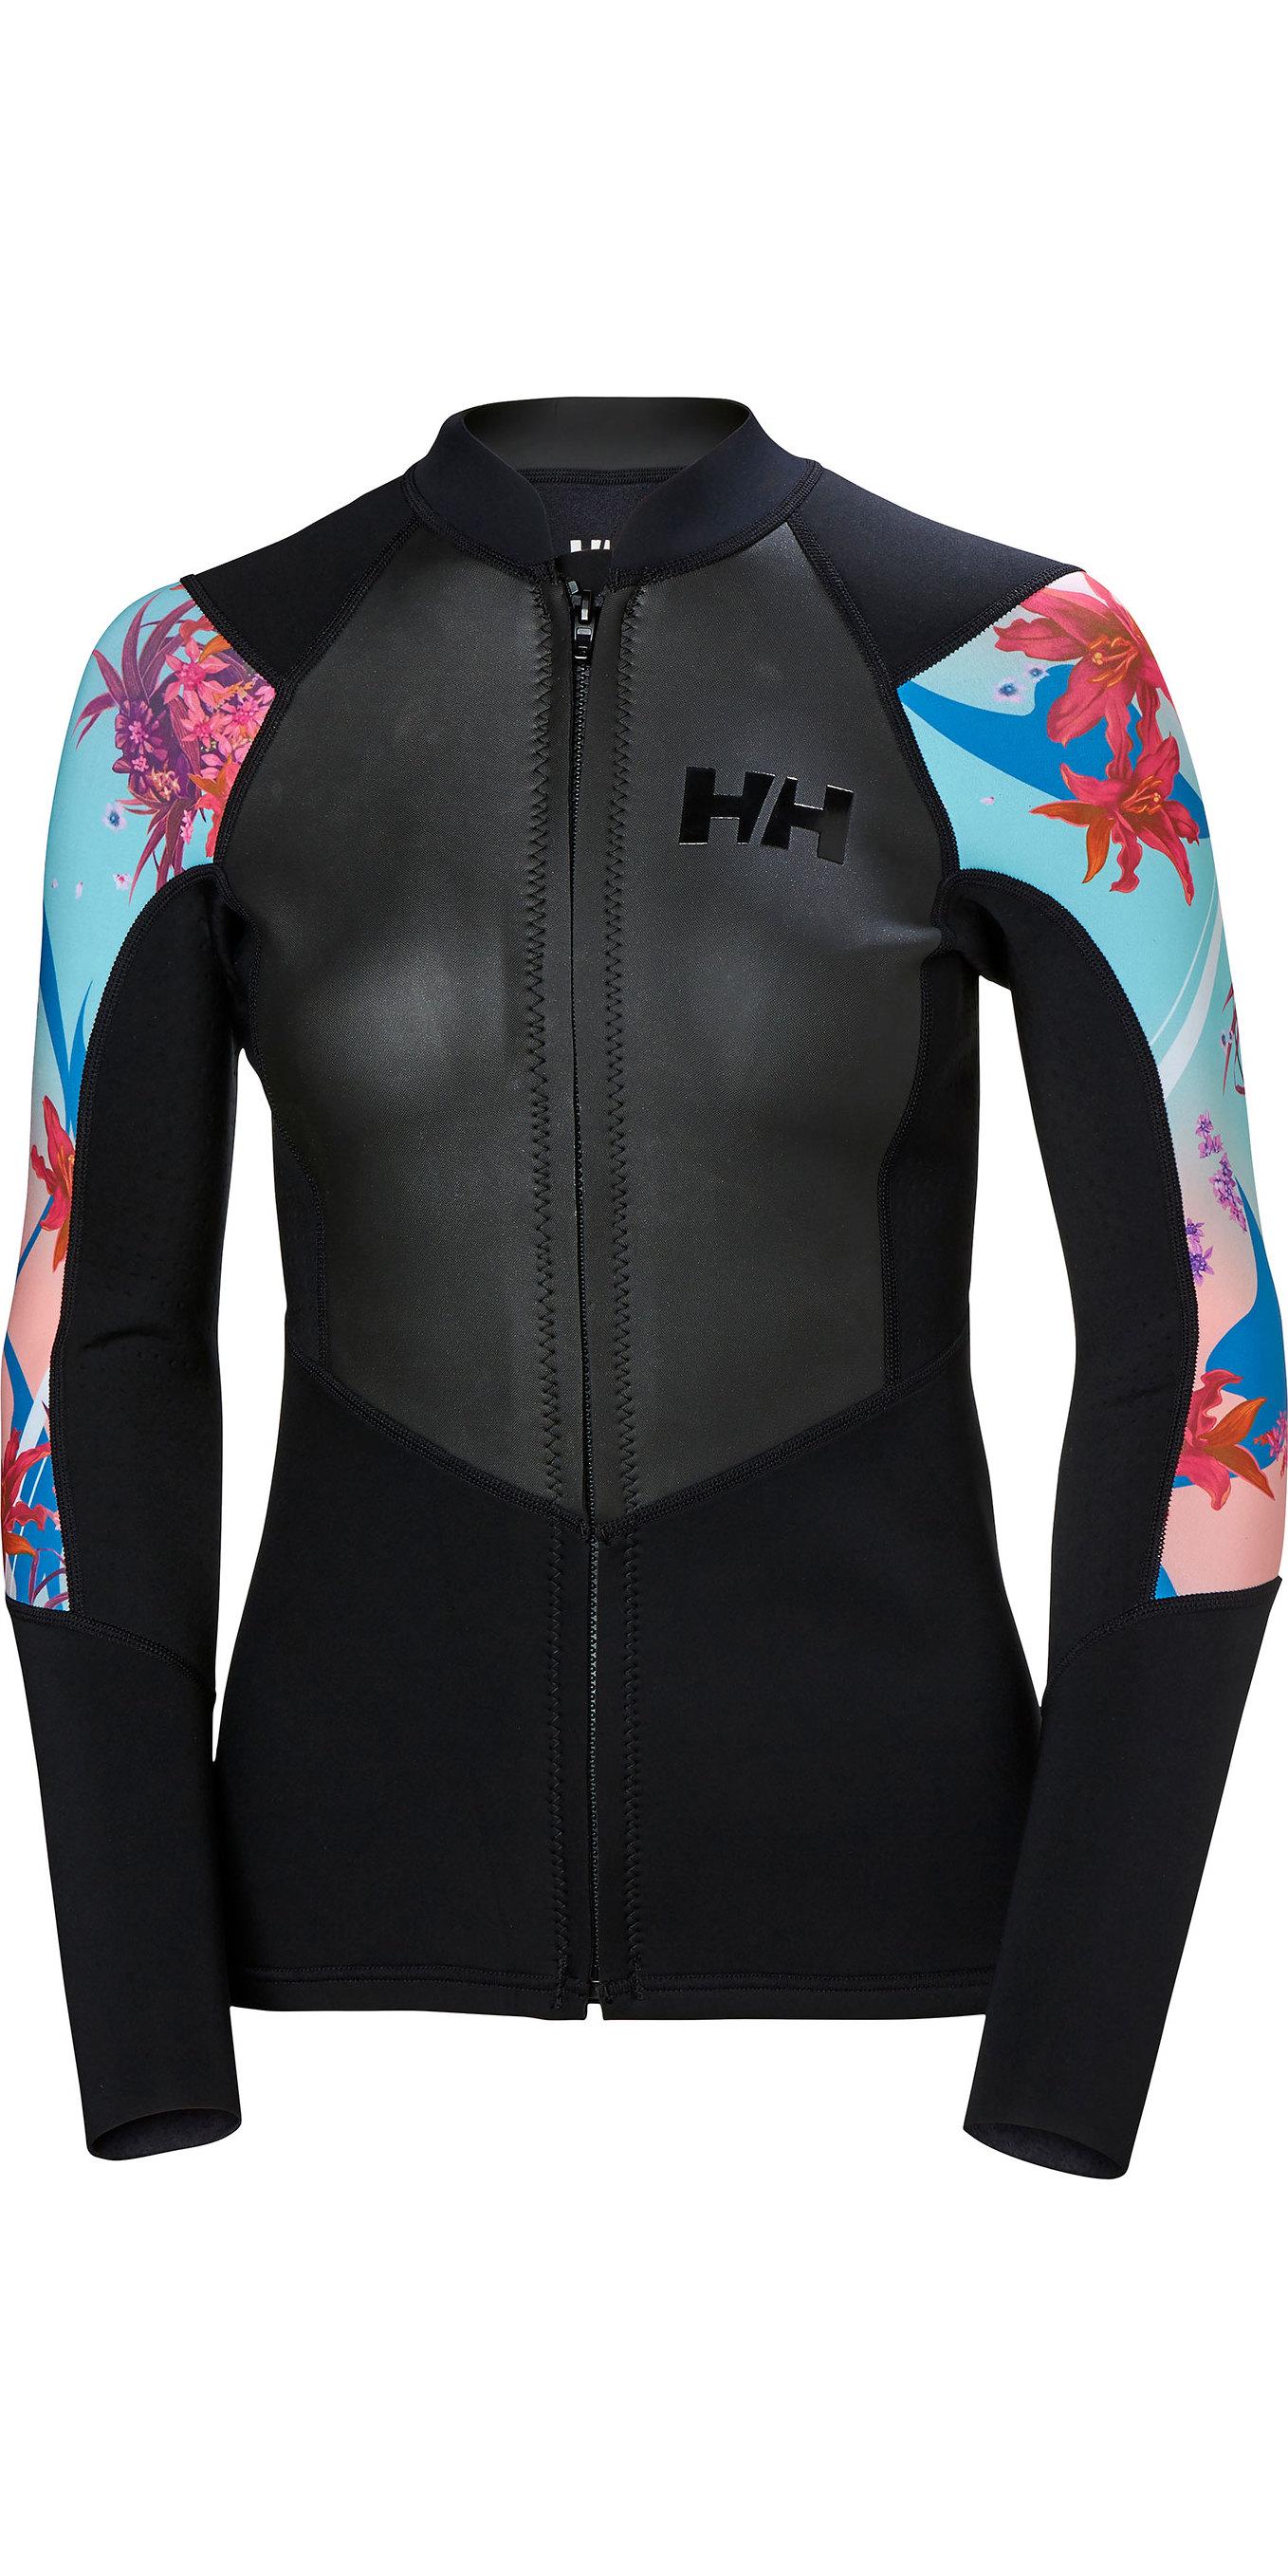 Veste neoprene surf femme